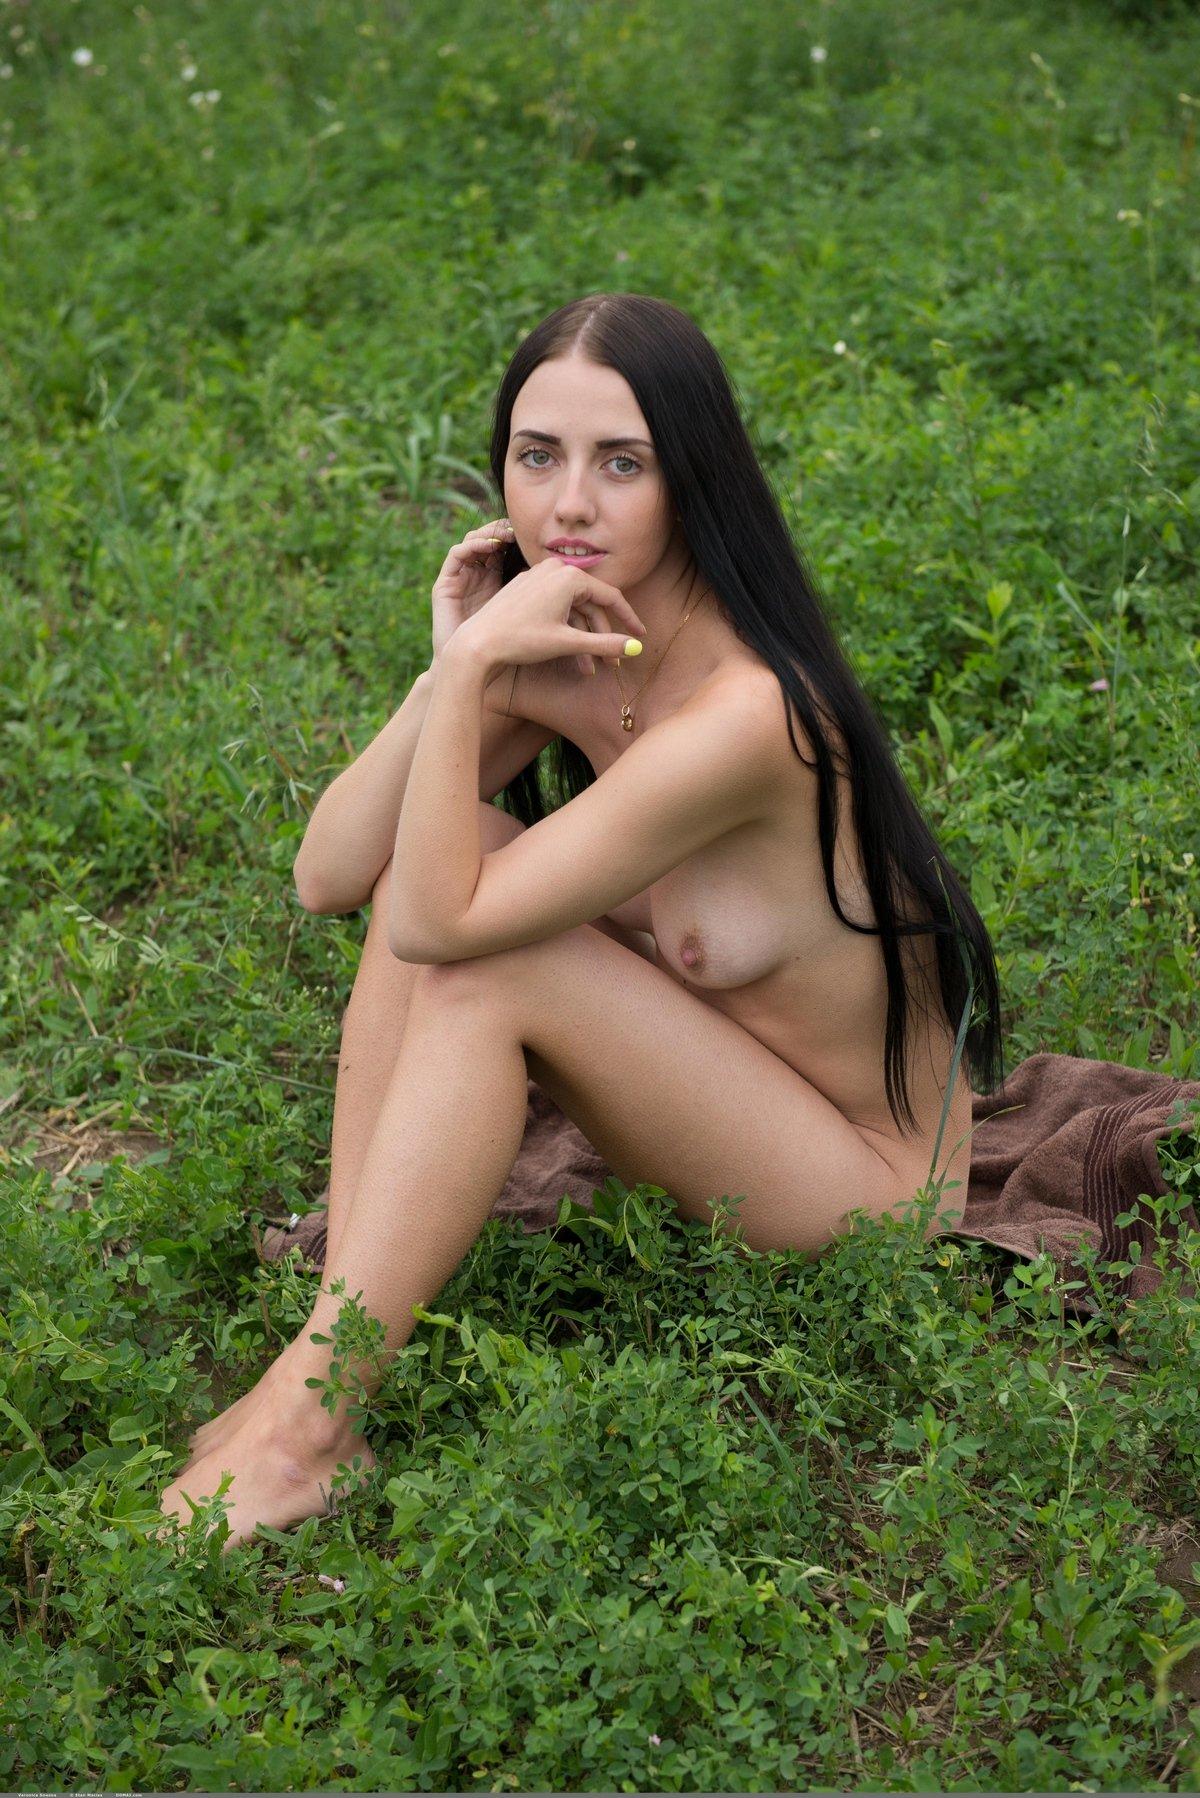 Брюнетка с длинными волосами на зеленой траве